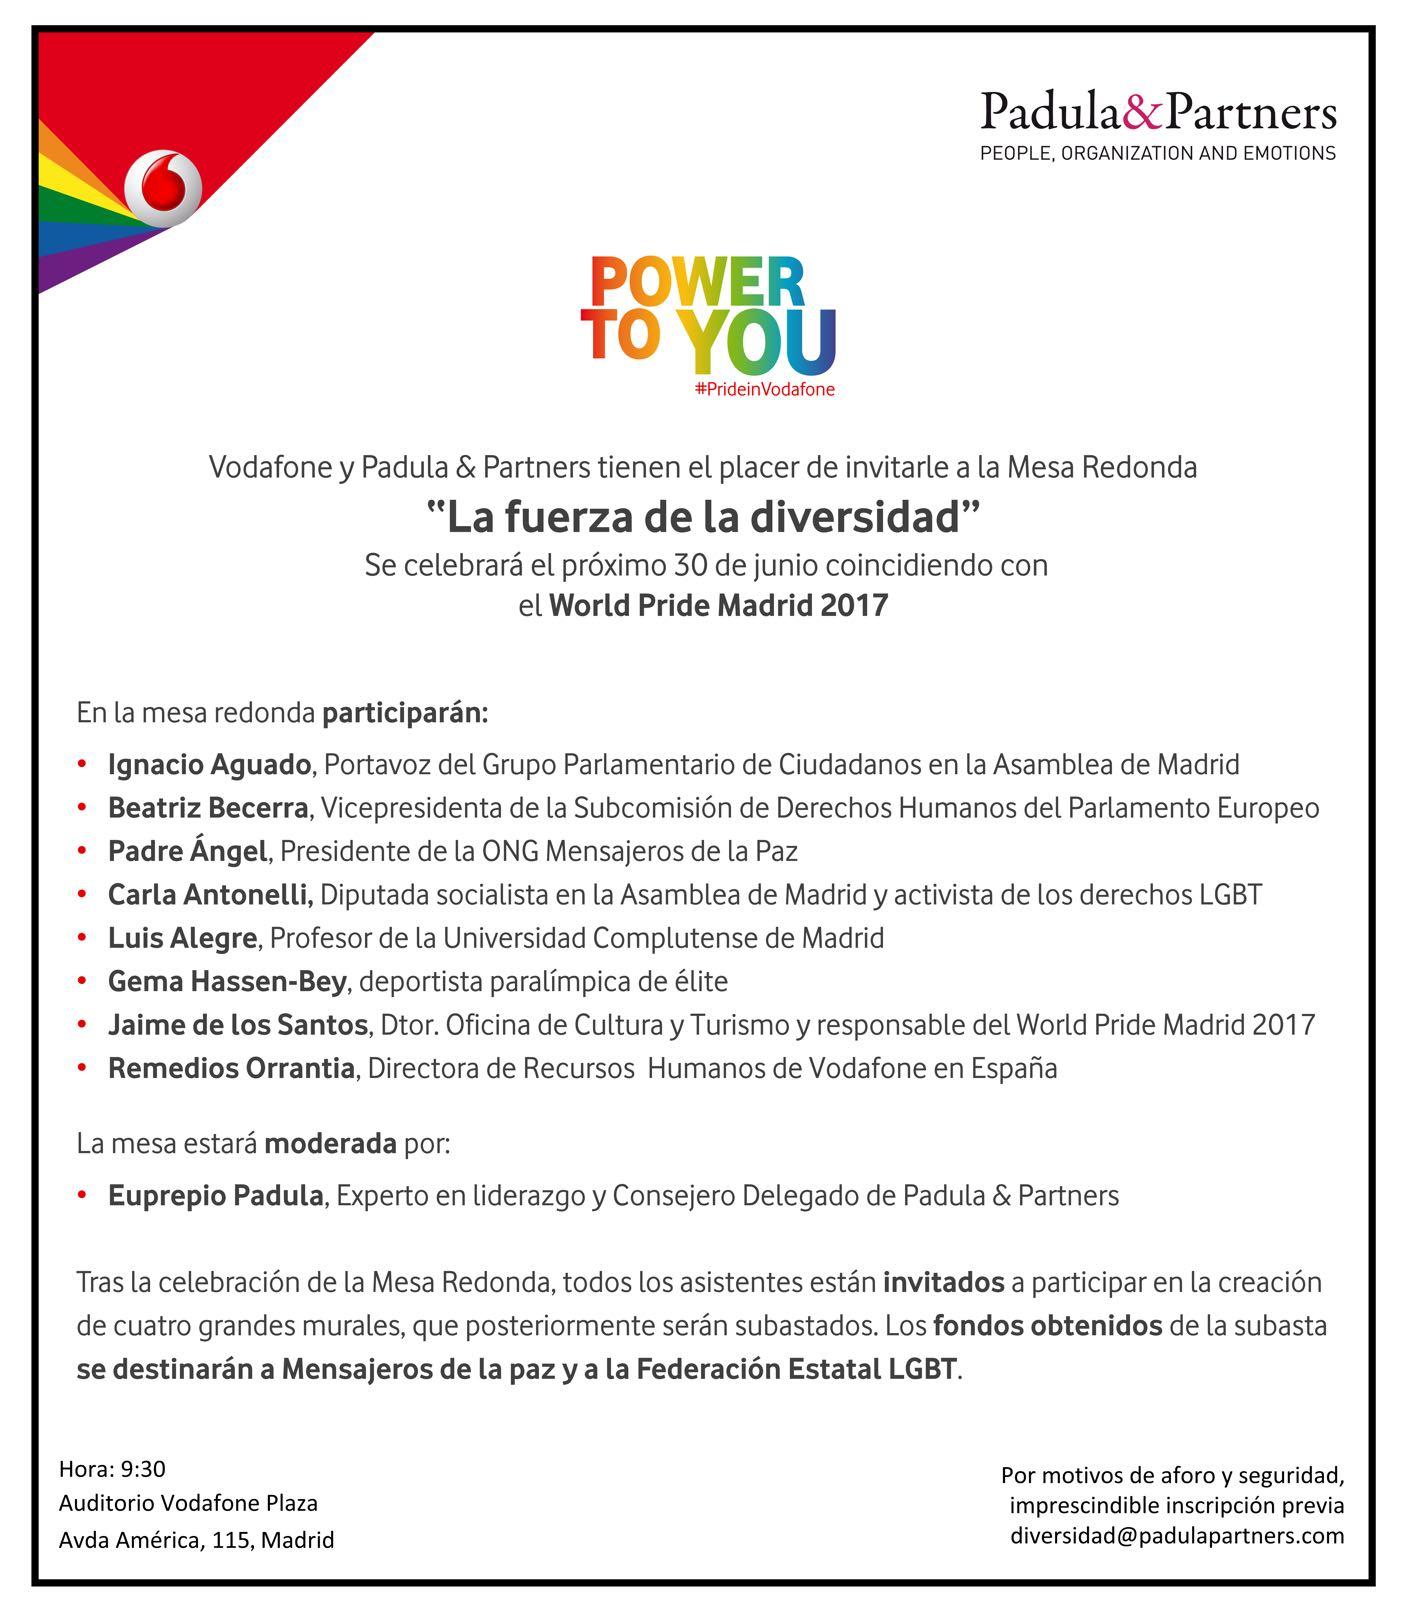 """Invitación a la Mesa Redonde """"La fuerza de la diversidad"""". 30 de junio a las 9.30 horas"""